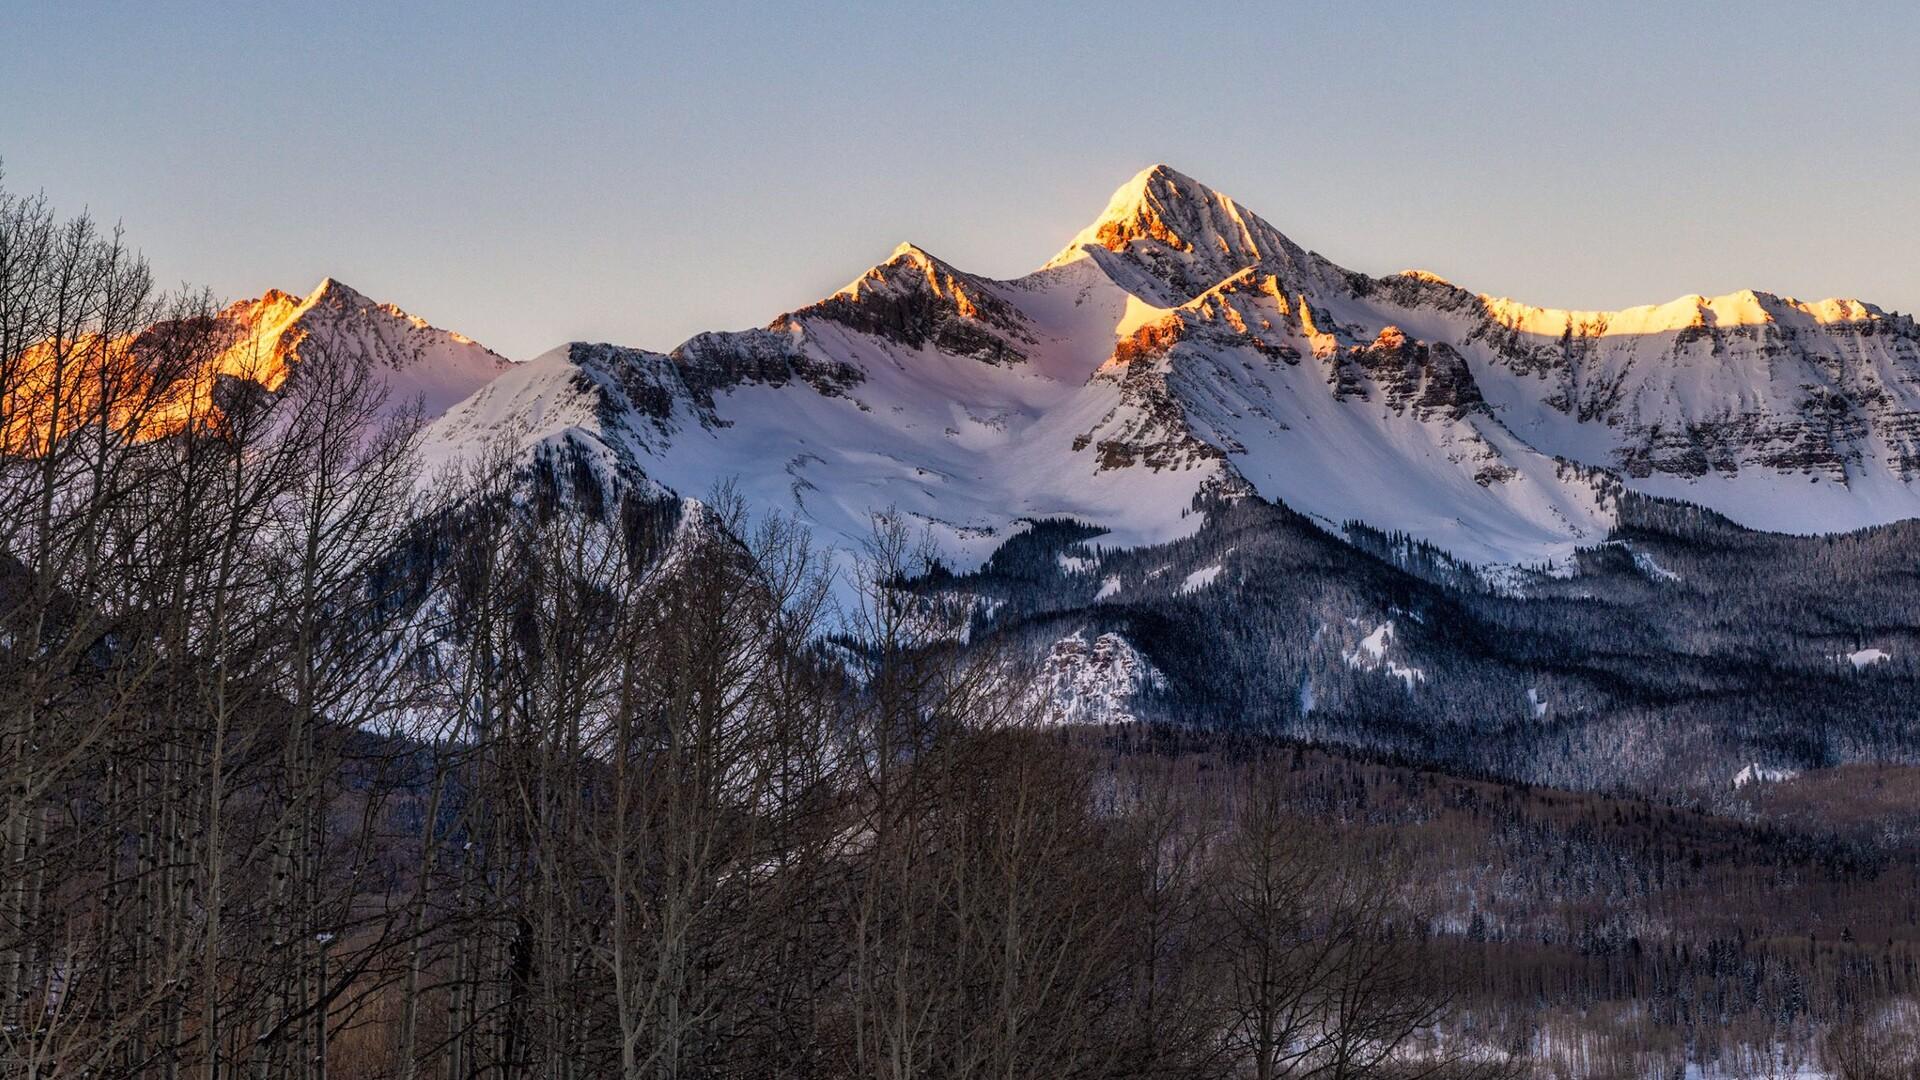 Michael Ryno Photo Ridgeway Telluride.jpg